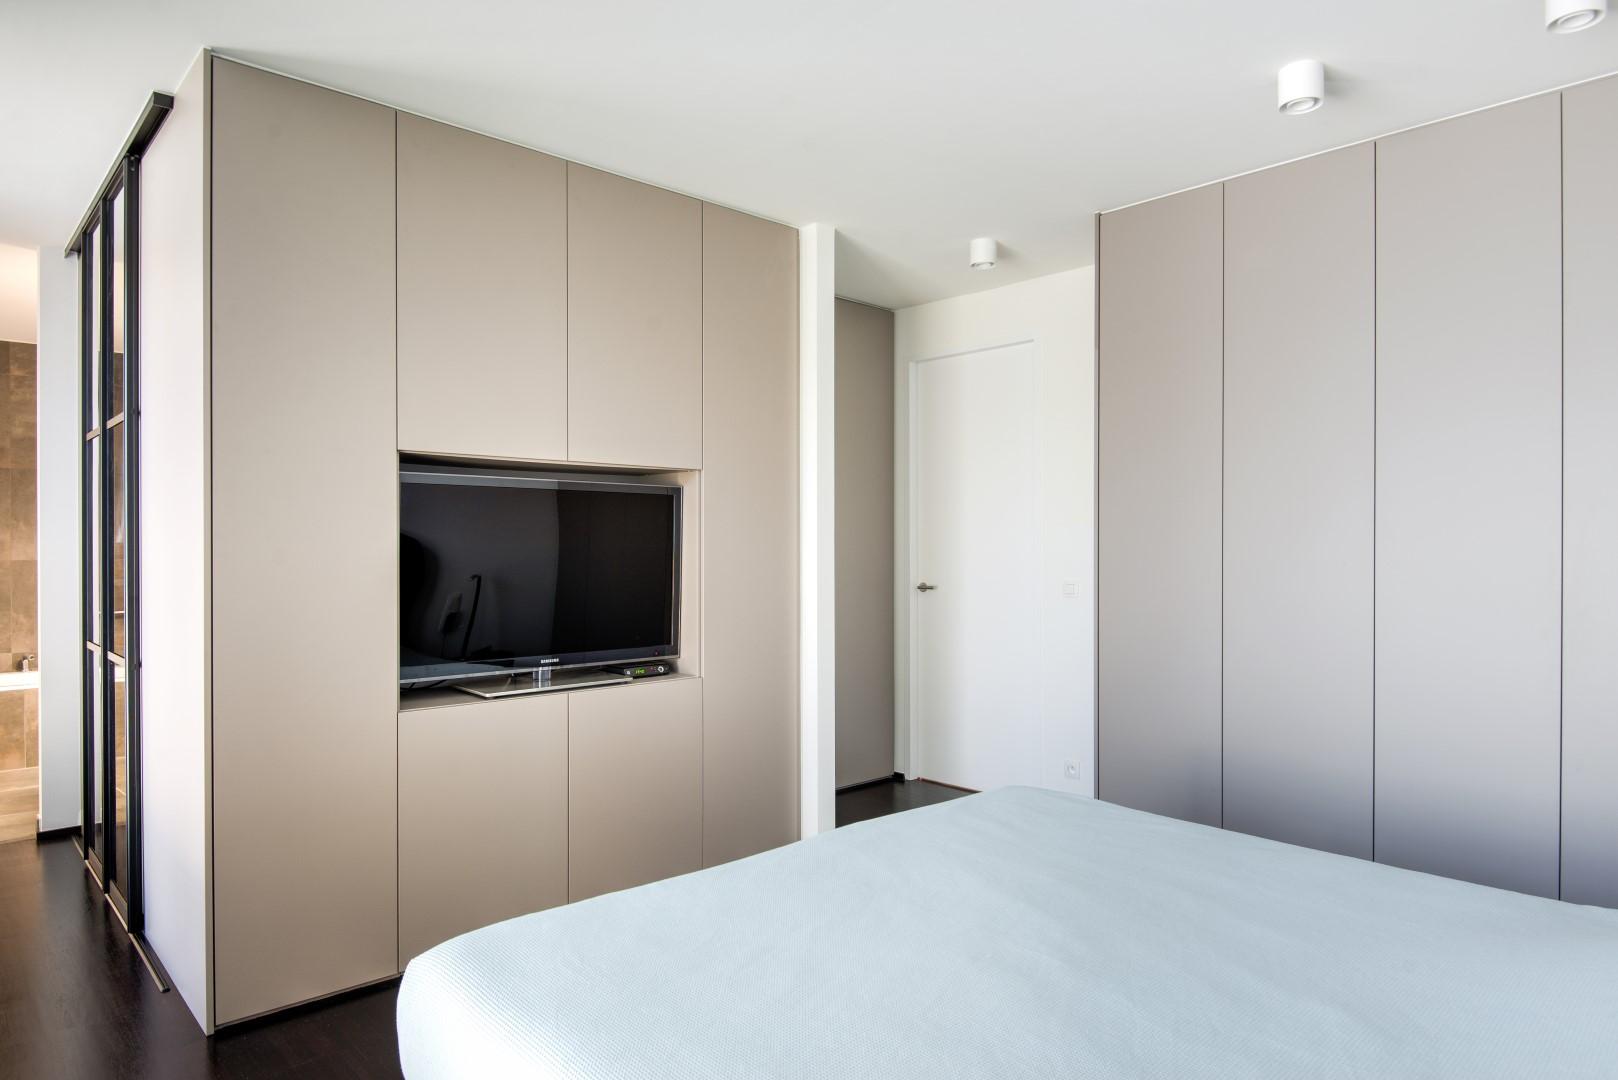 Tv Kast Bed.Binnenkijken Maatkasten Bezorgen Appartement Ideaal Interieur